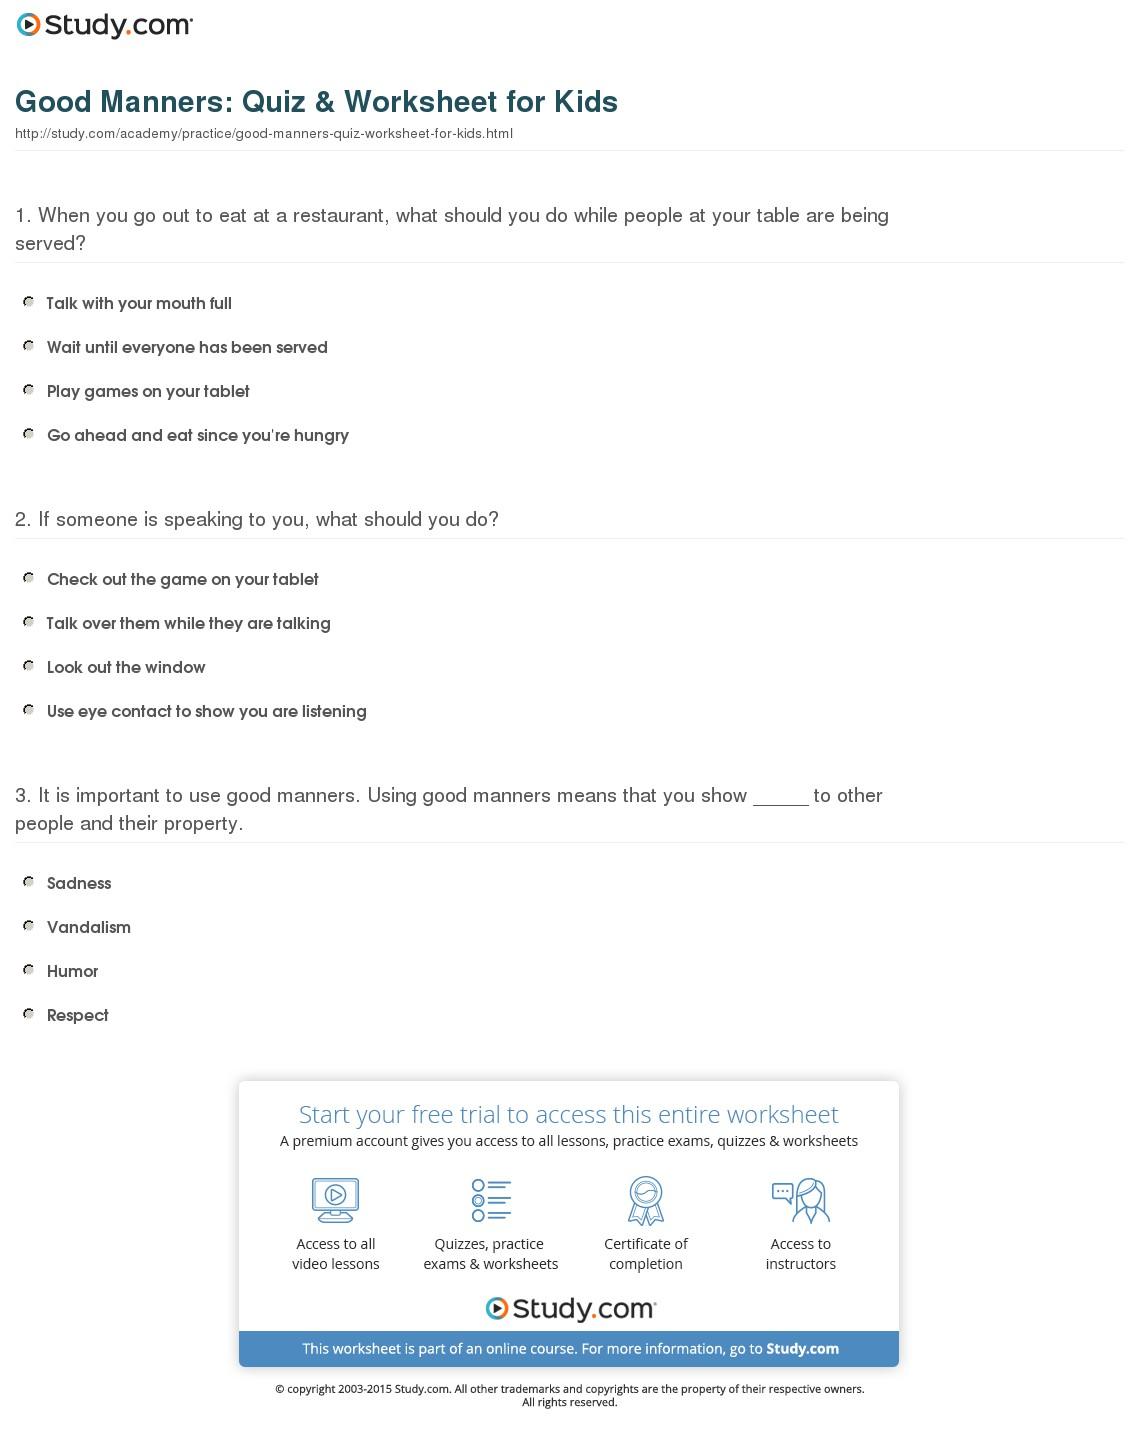 Worksheet  Good Manners Worksheet  Caytailoc Free Printables